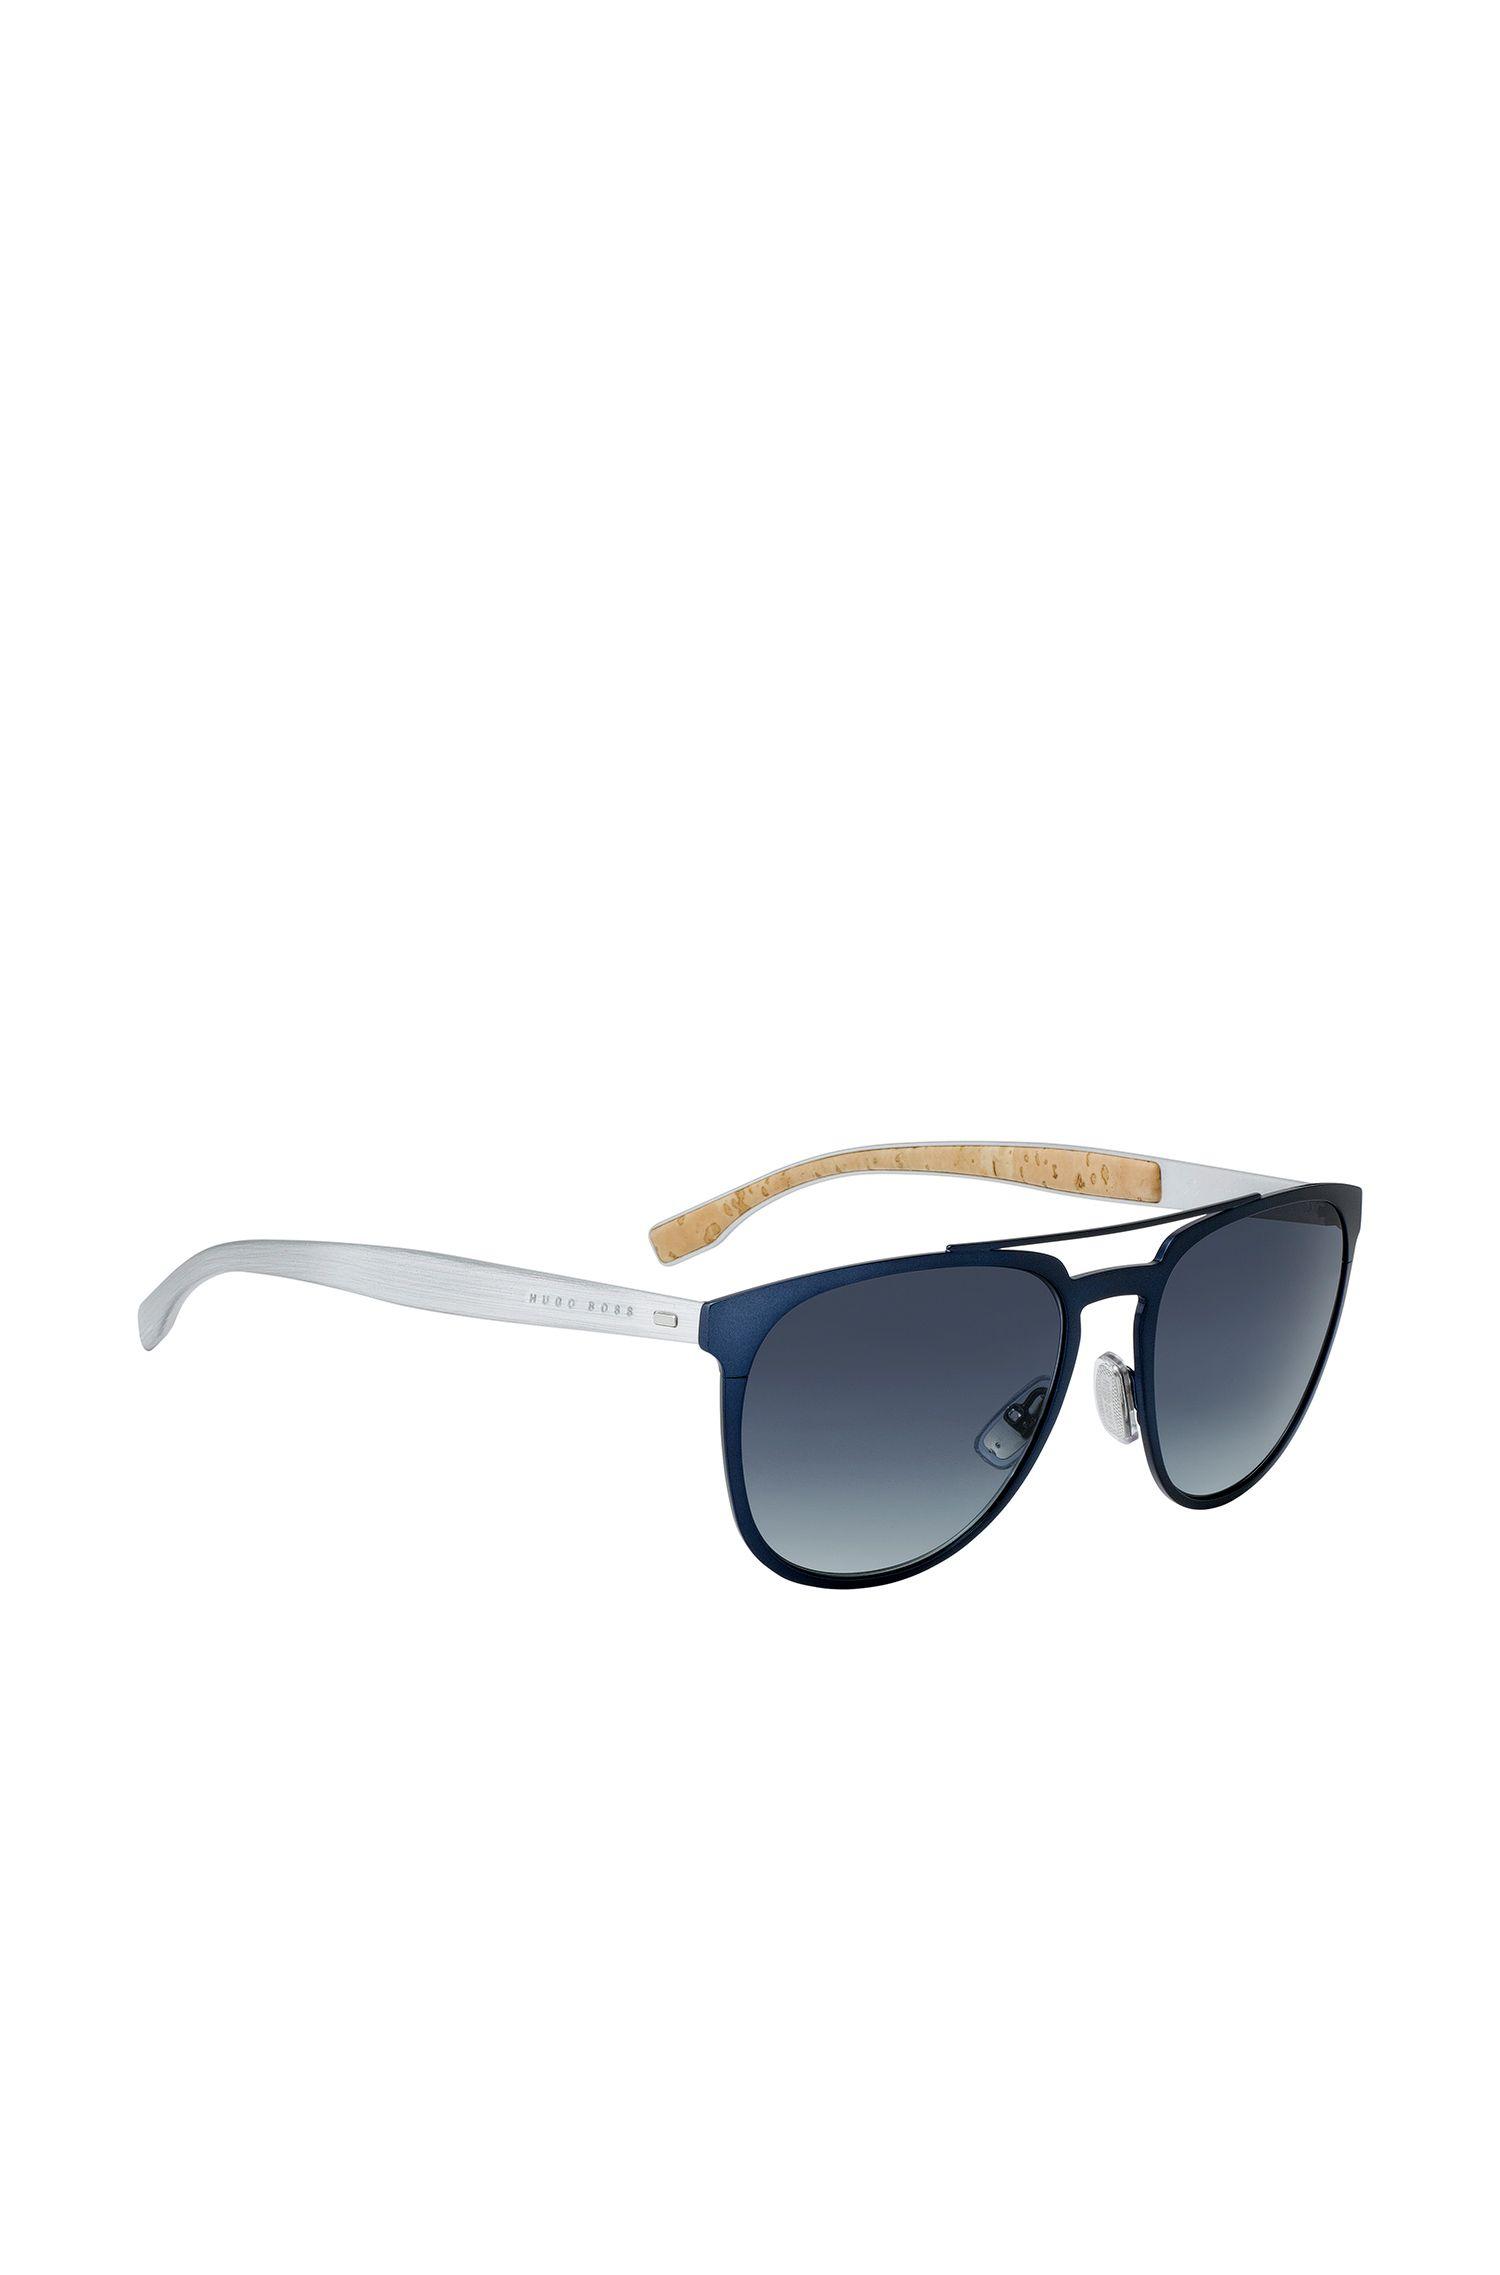 Gafas de sol de aviador con montura fina y metalizada de color azul